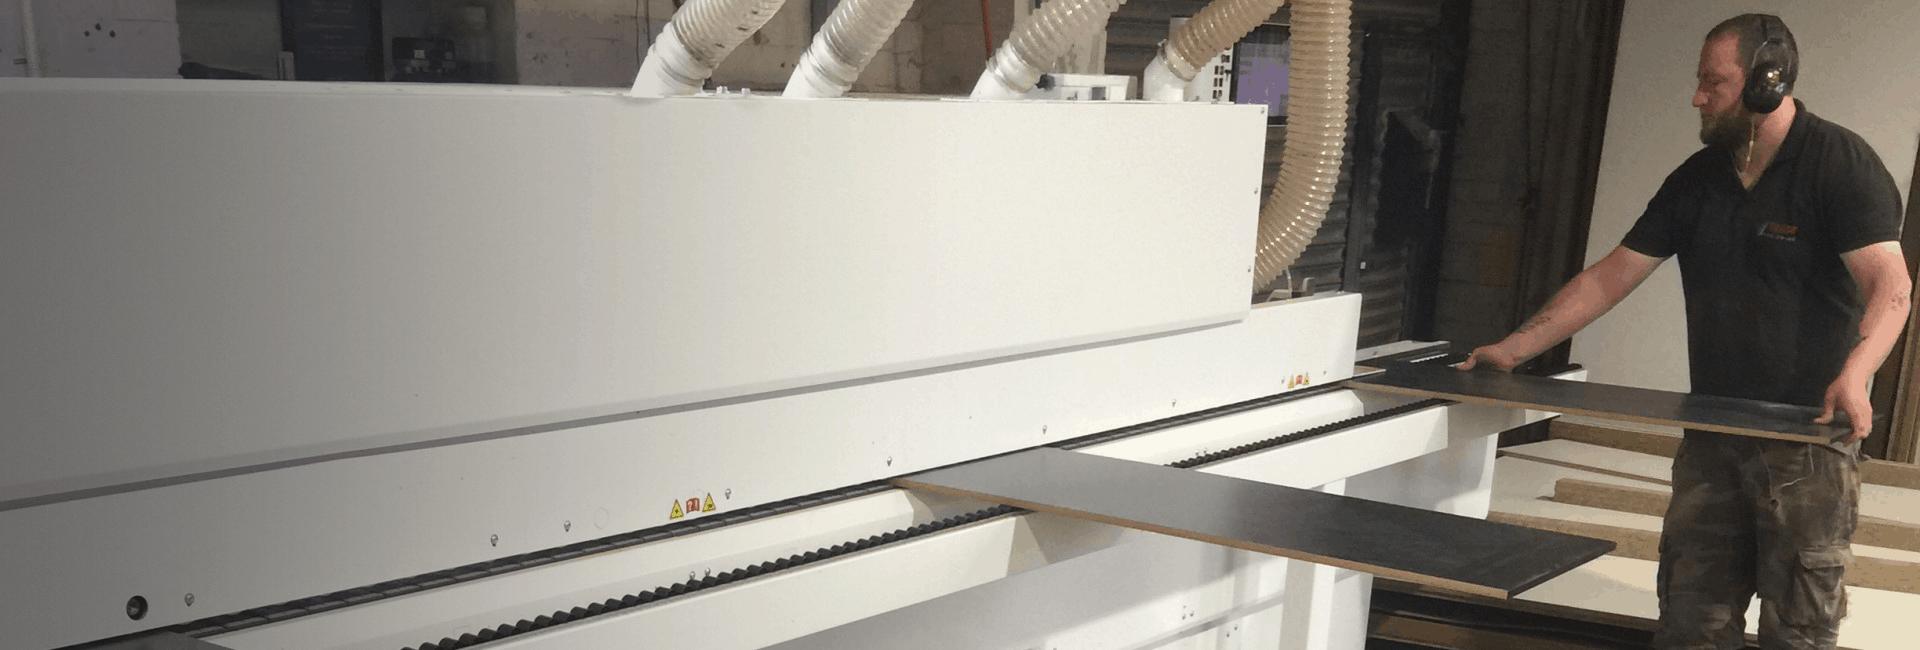 Edgebanding panels in machine